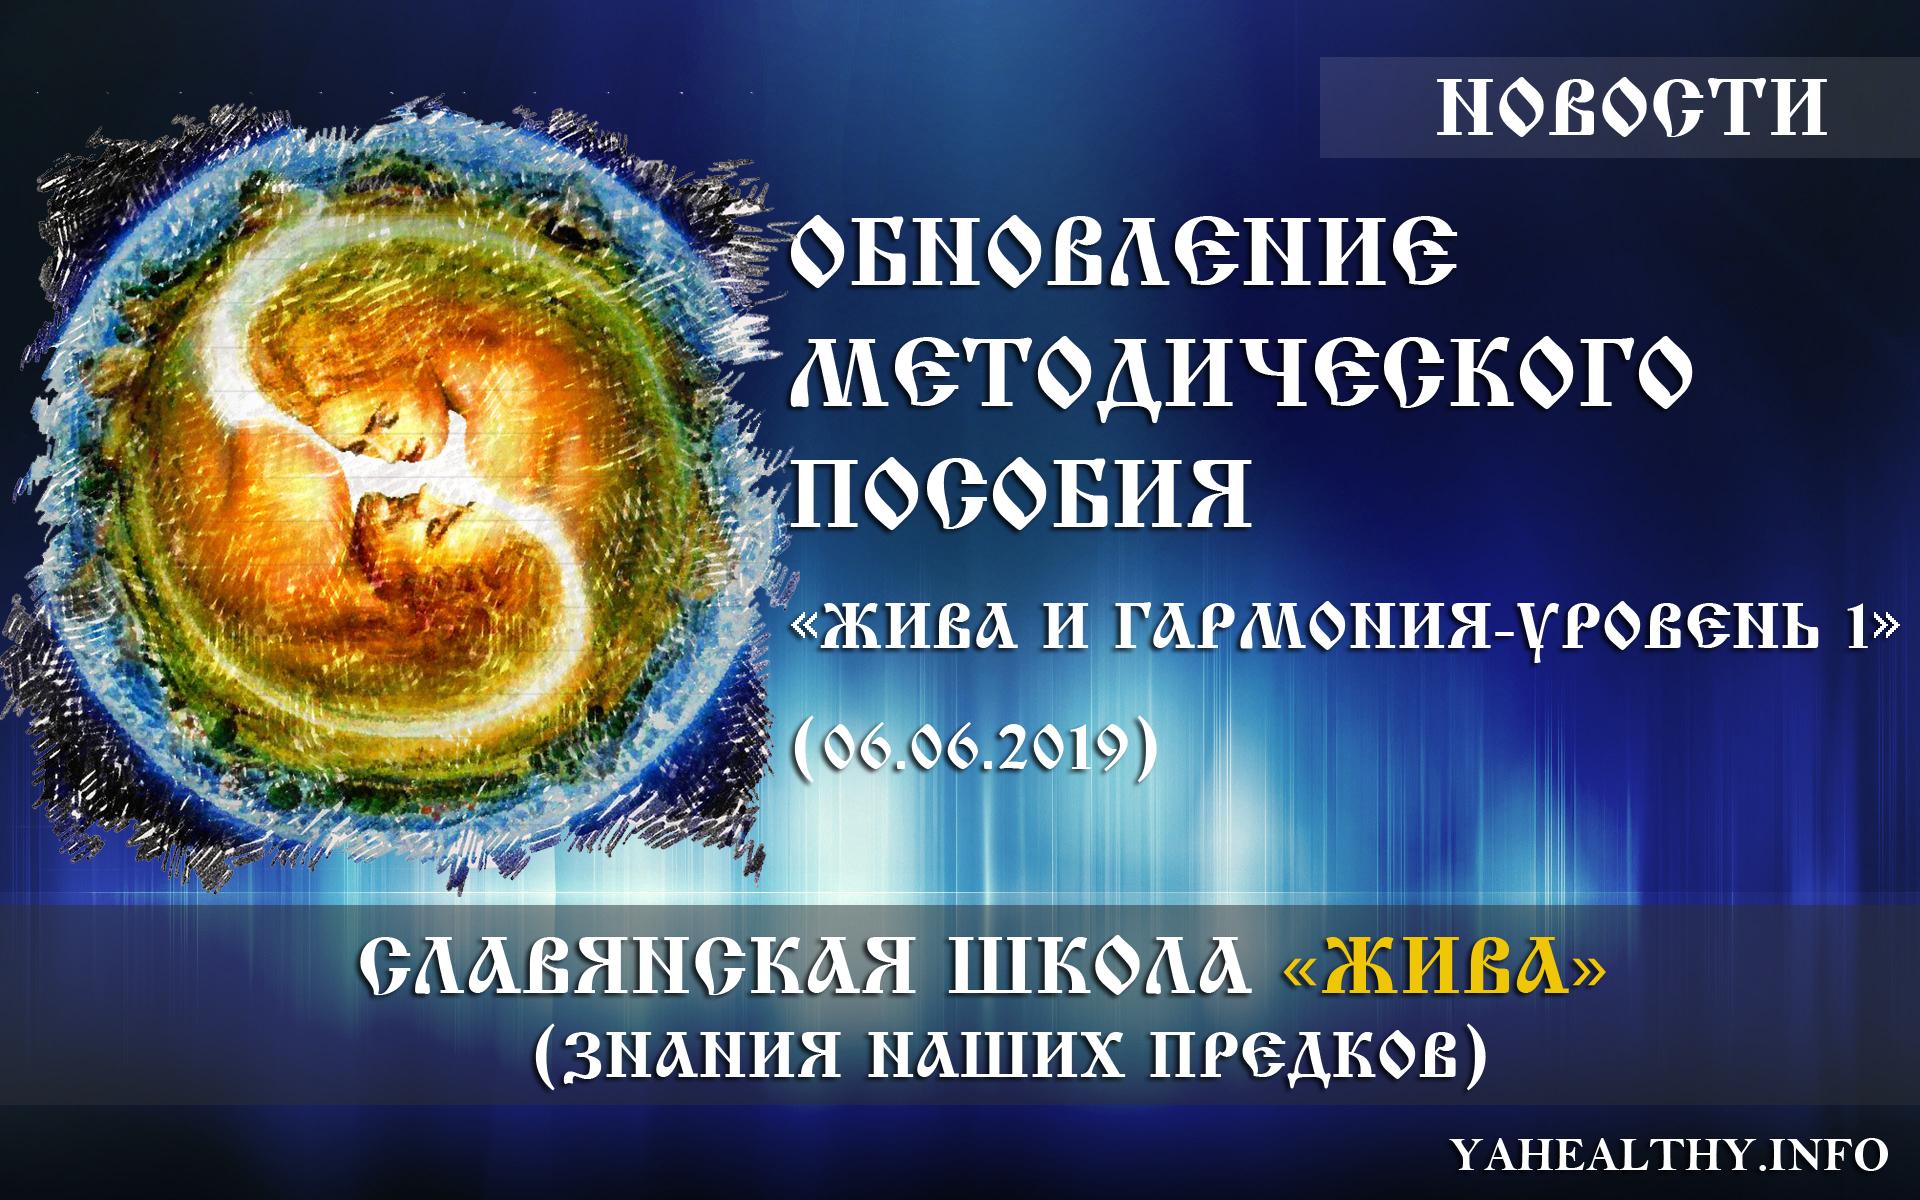 Обновление методического пособия «Жива и Гармония — Уровень 1»